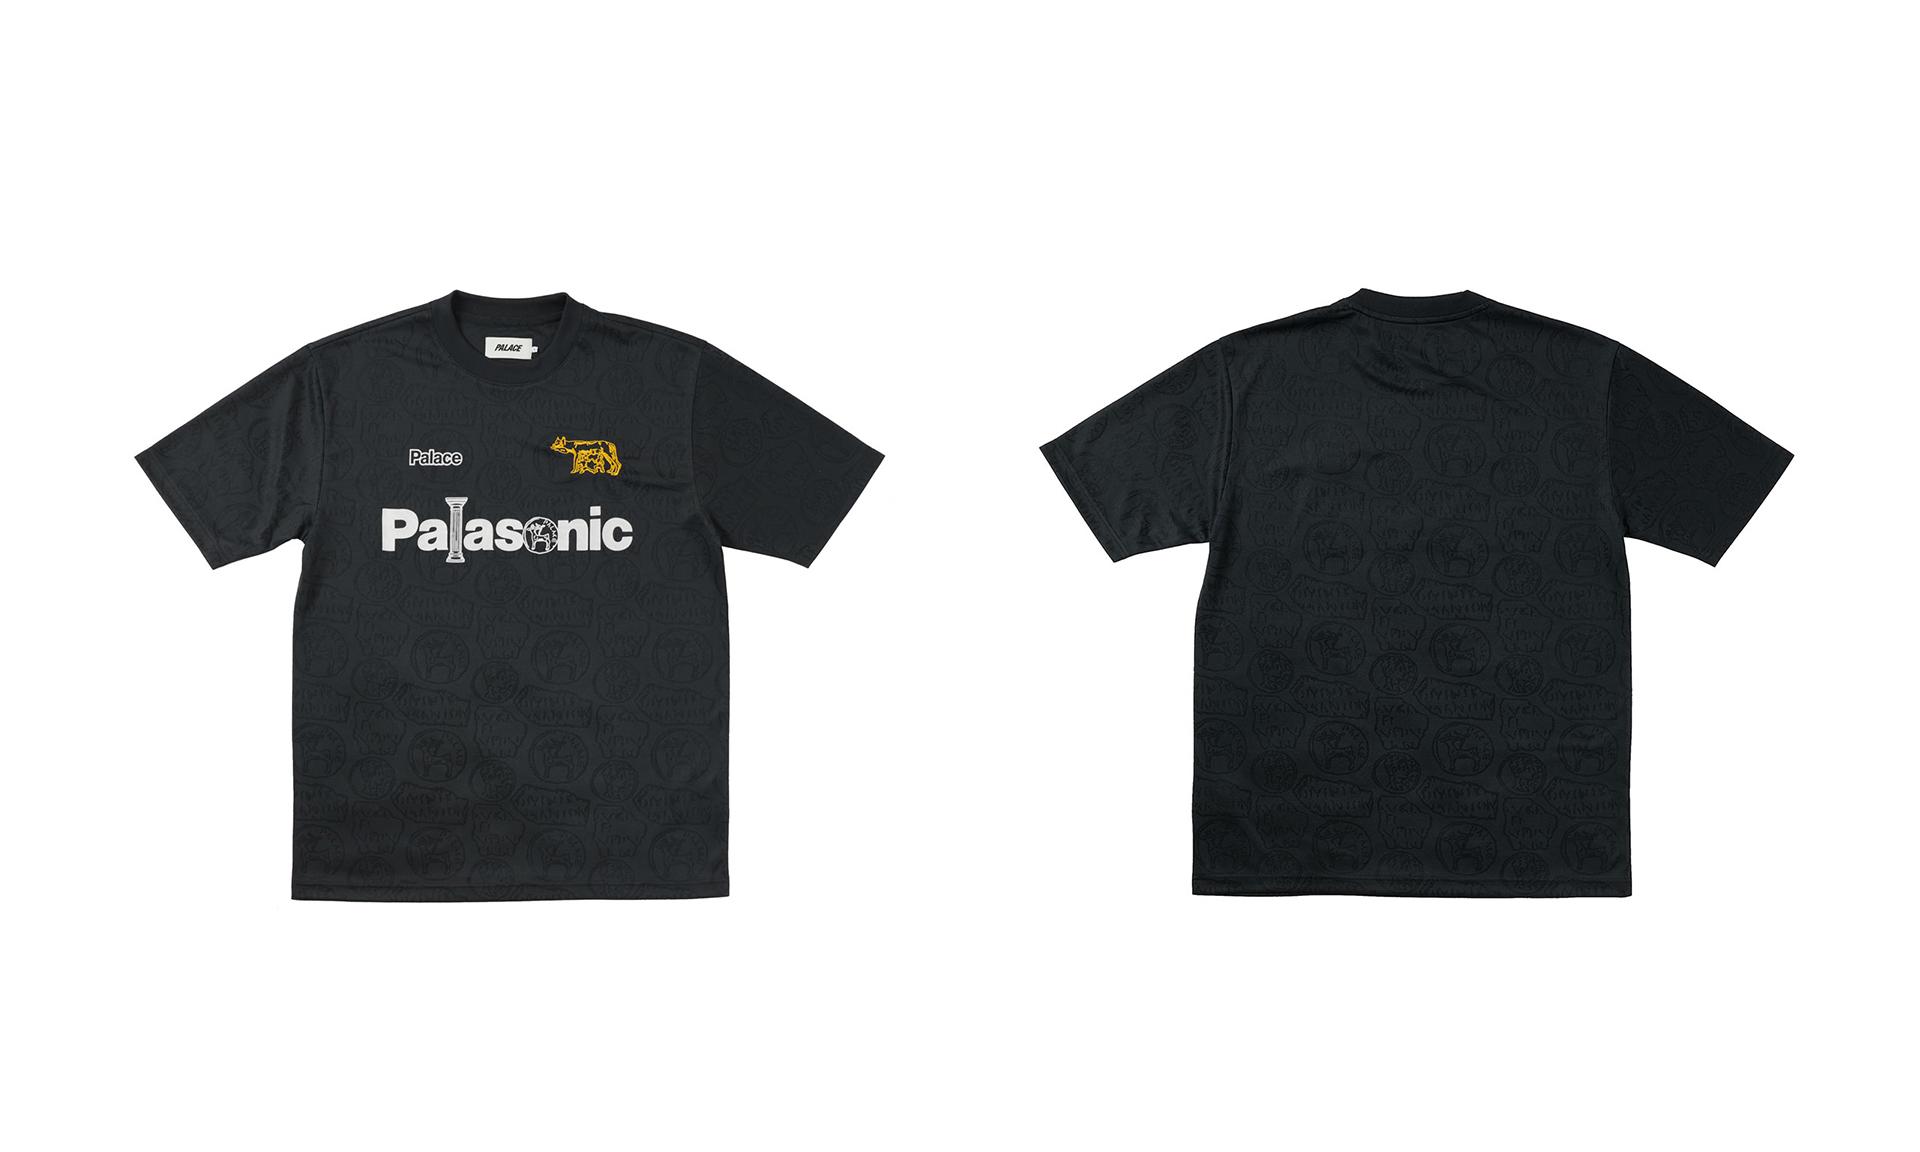 PALACE 2021 春季系列第 10 周单品即将发售